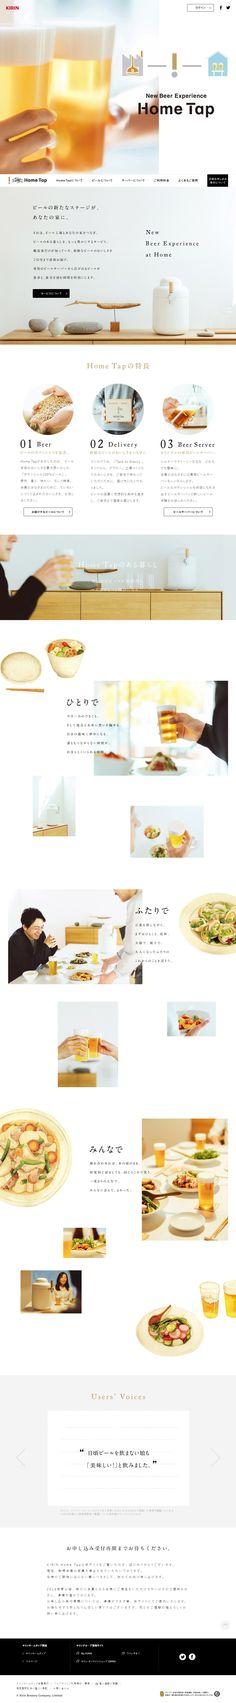 キリンホームタップ|SANKOU! Best Web Design, Site Design, Creative Design, Web Layout, Layout Design, Web Inspiration, Landing Page Design, Food Styling, Cool Designs